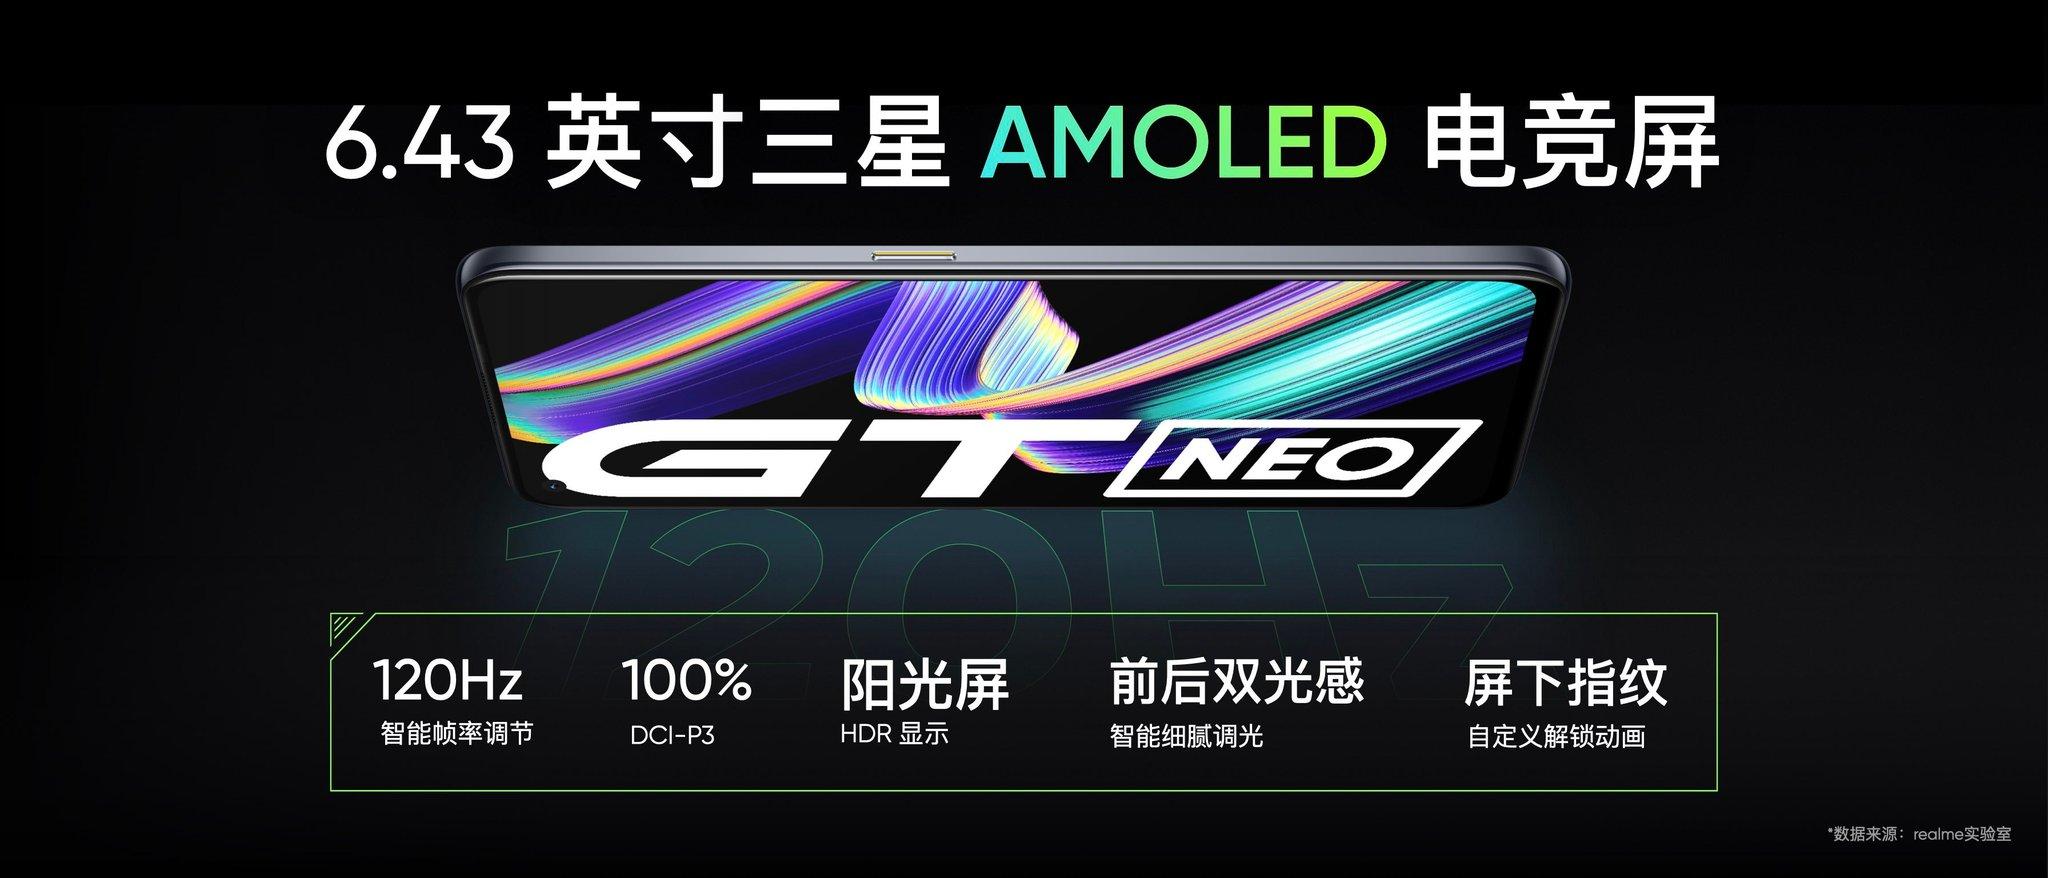 Realme GT Neo display